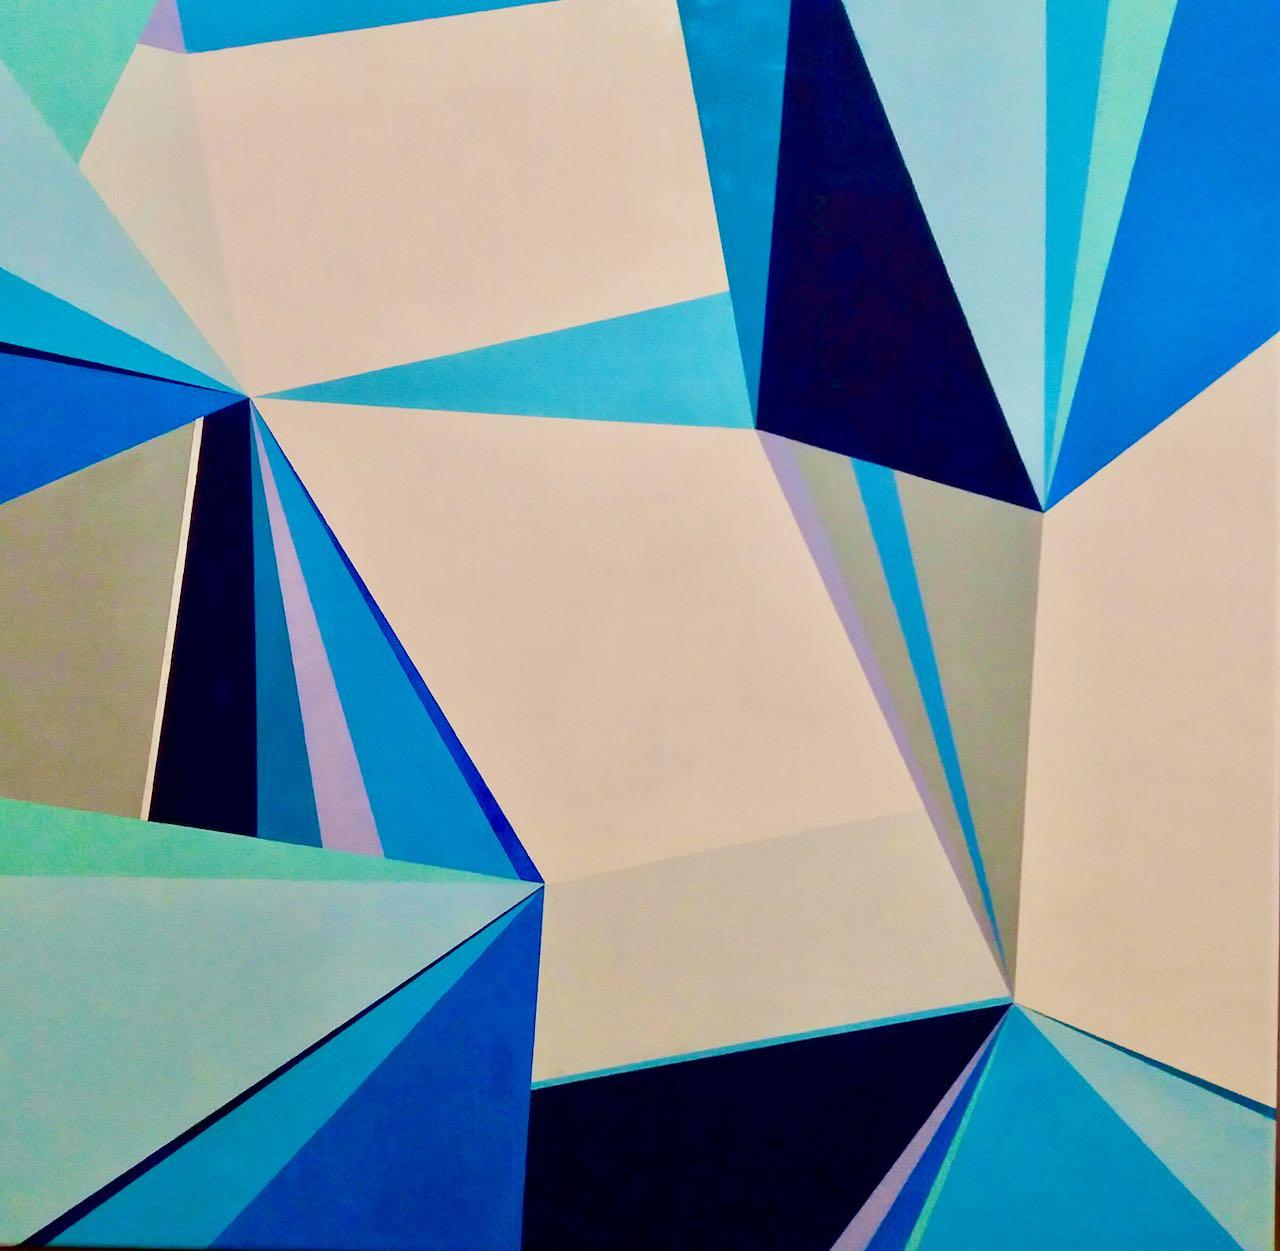 Iced lights by A. Villacampa acrylic on canvas